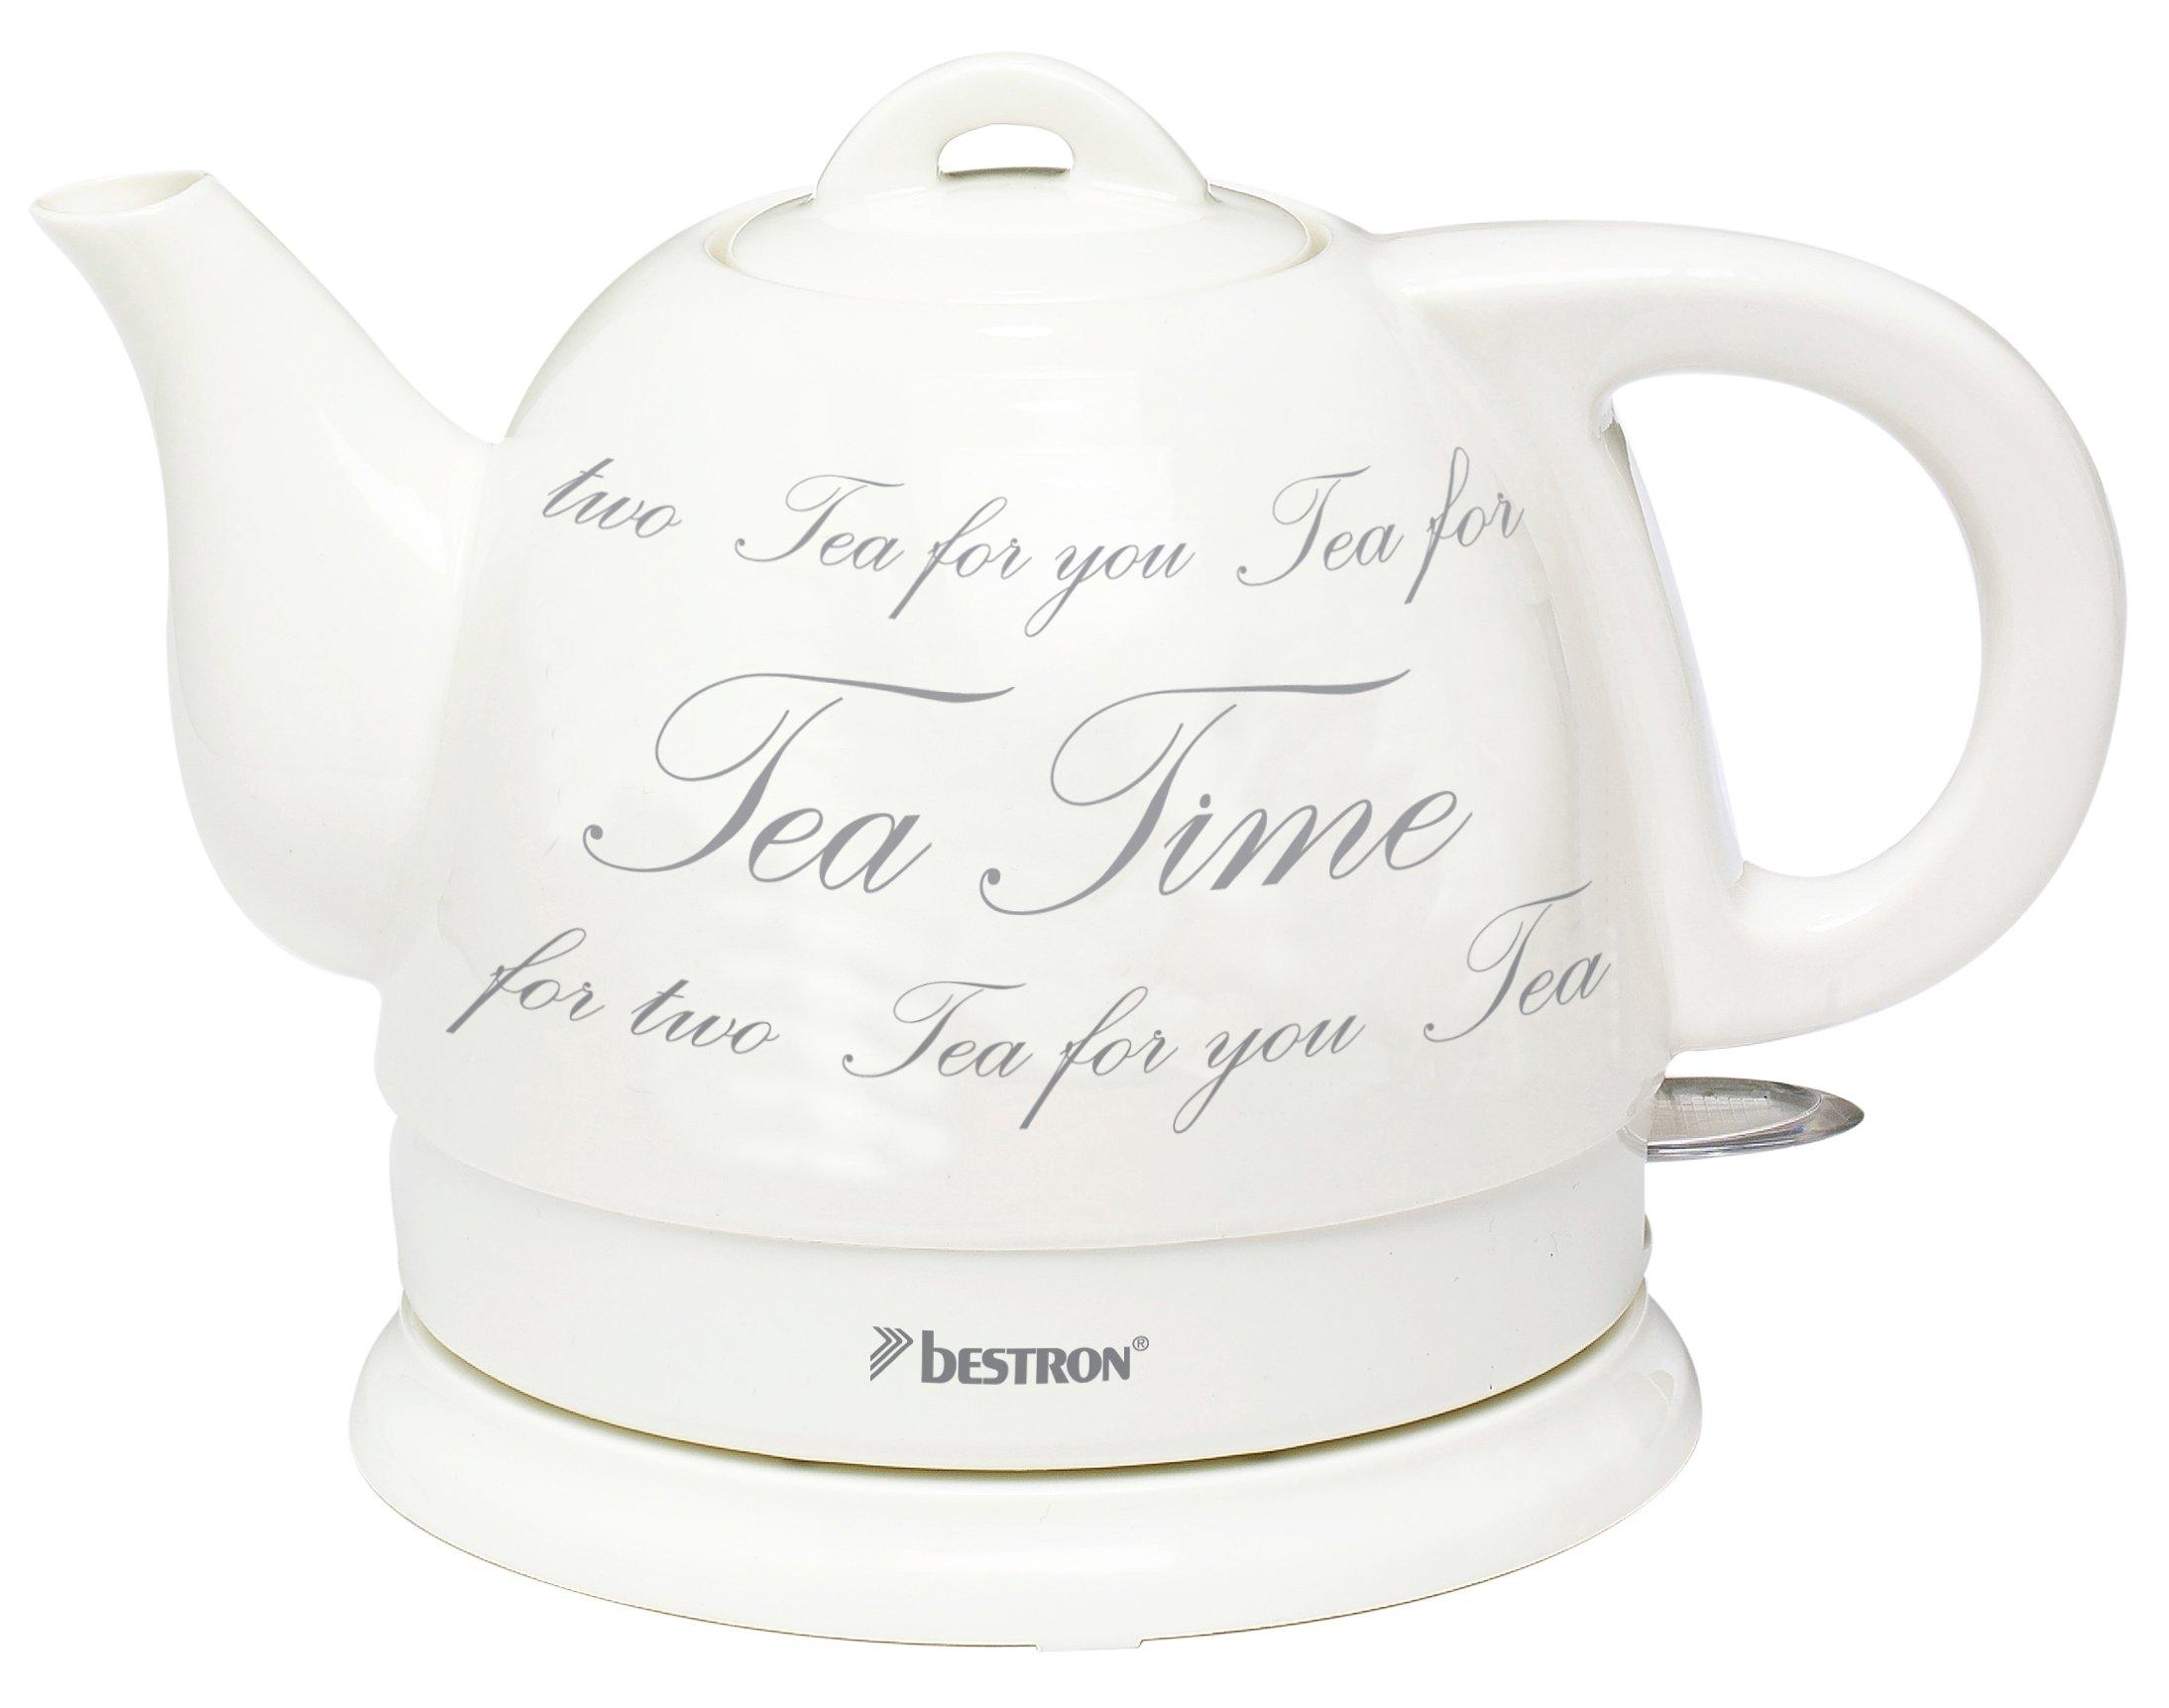 Bestron DTP800 Coffee & Tea Théière Électrique sans Fil 0,8 L Céramique Émaillée product image